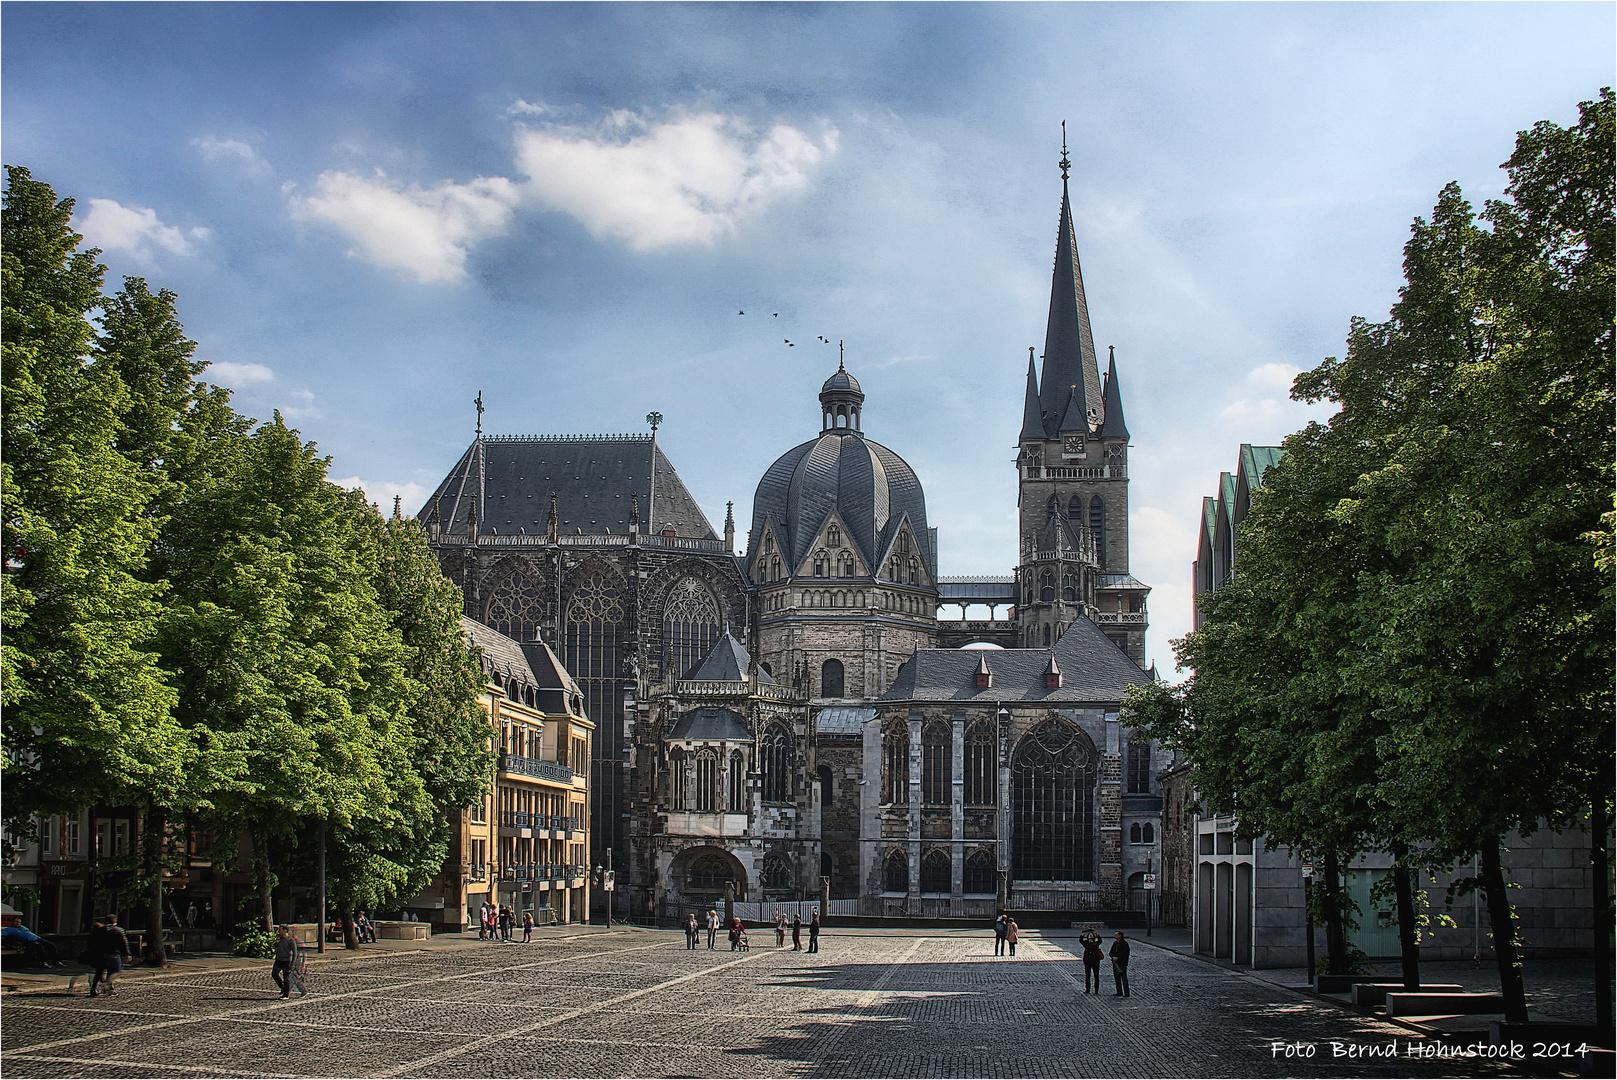 Hoher Dom zu Aachen .....